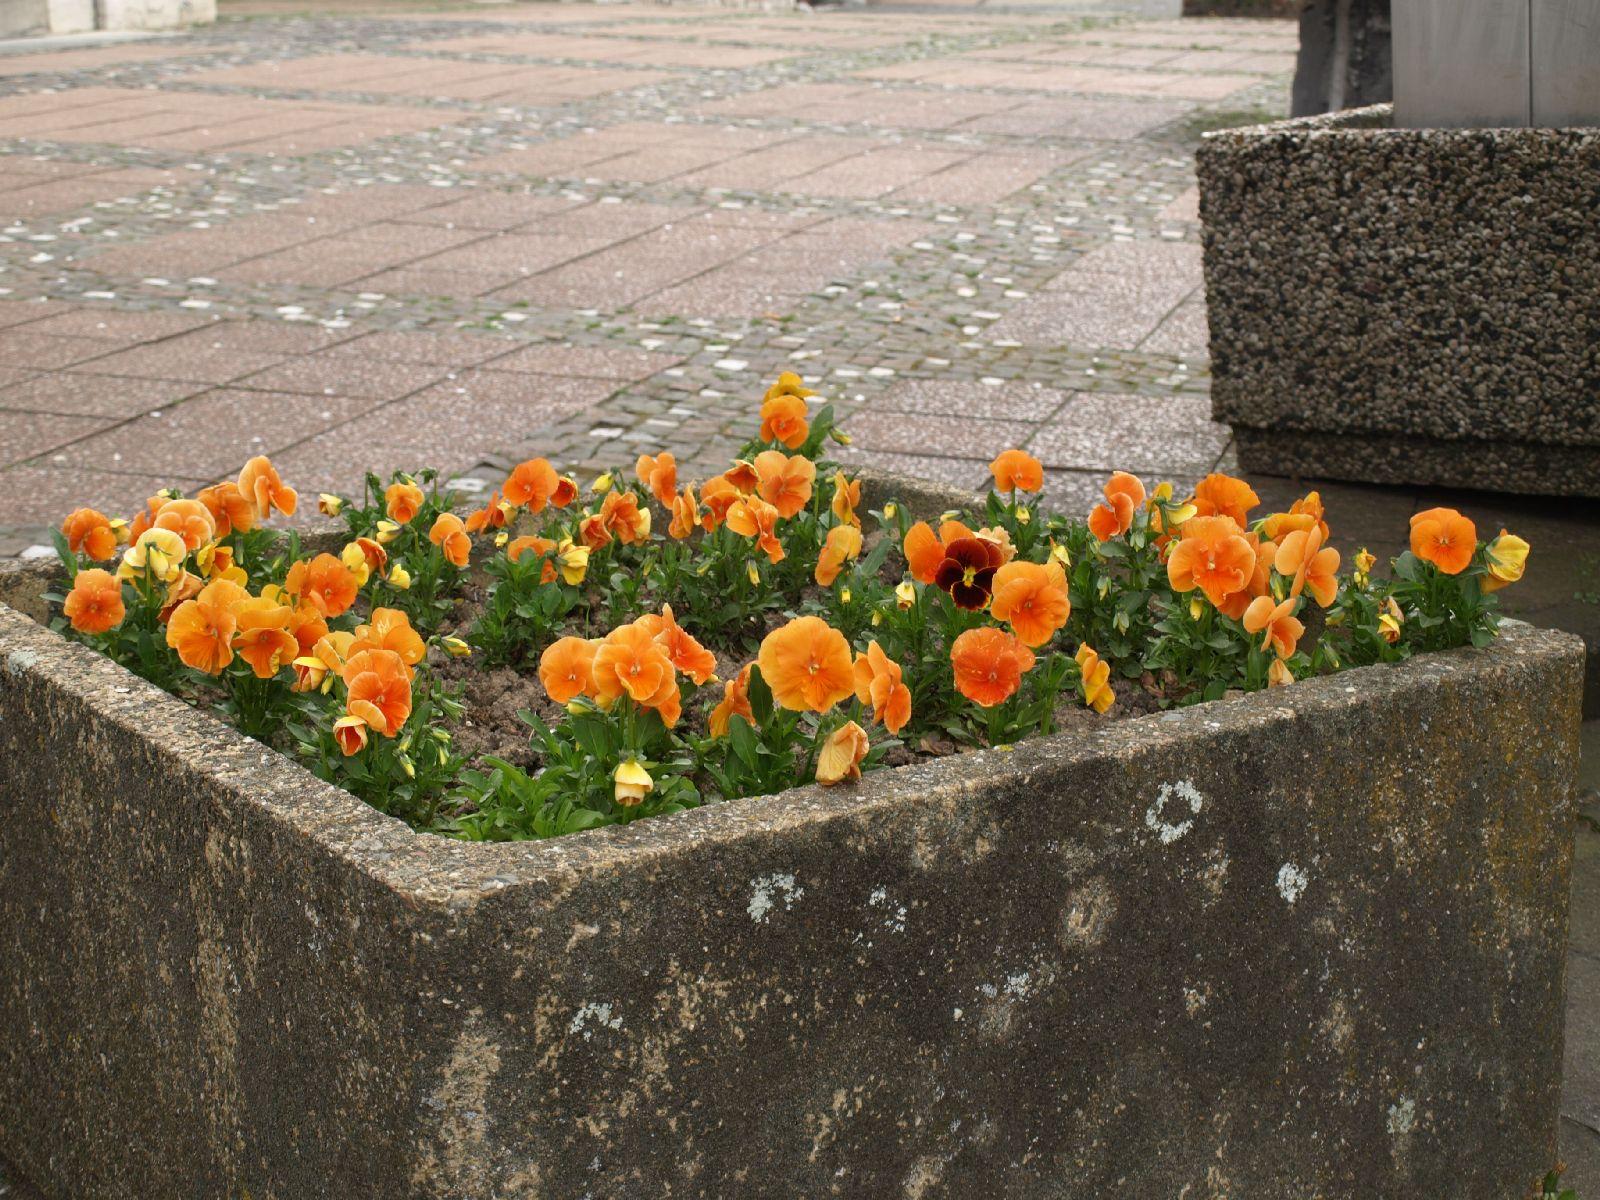 Pflanzen-Blumen-Foto_Textur_B_P4222556